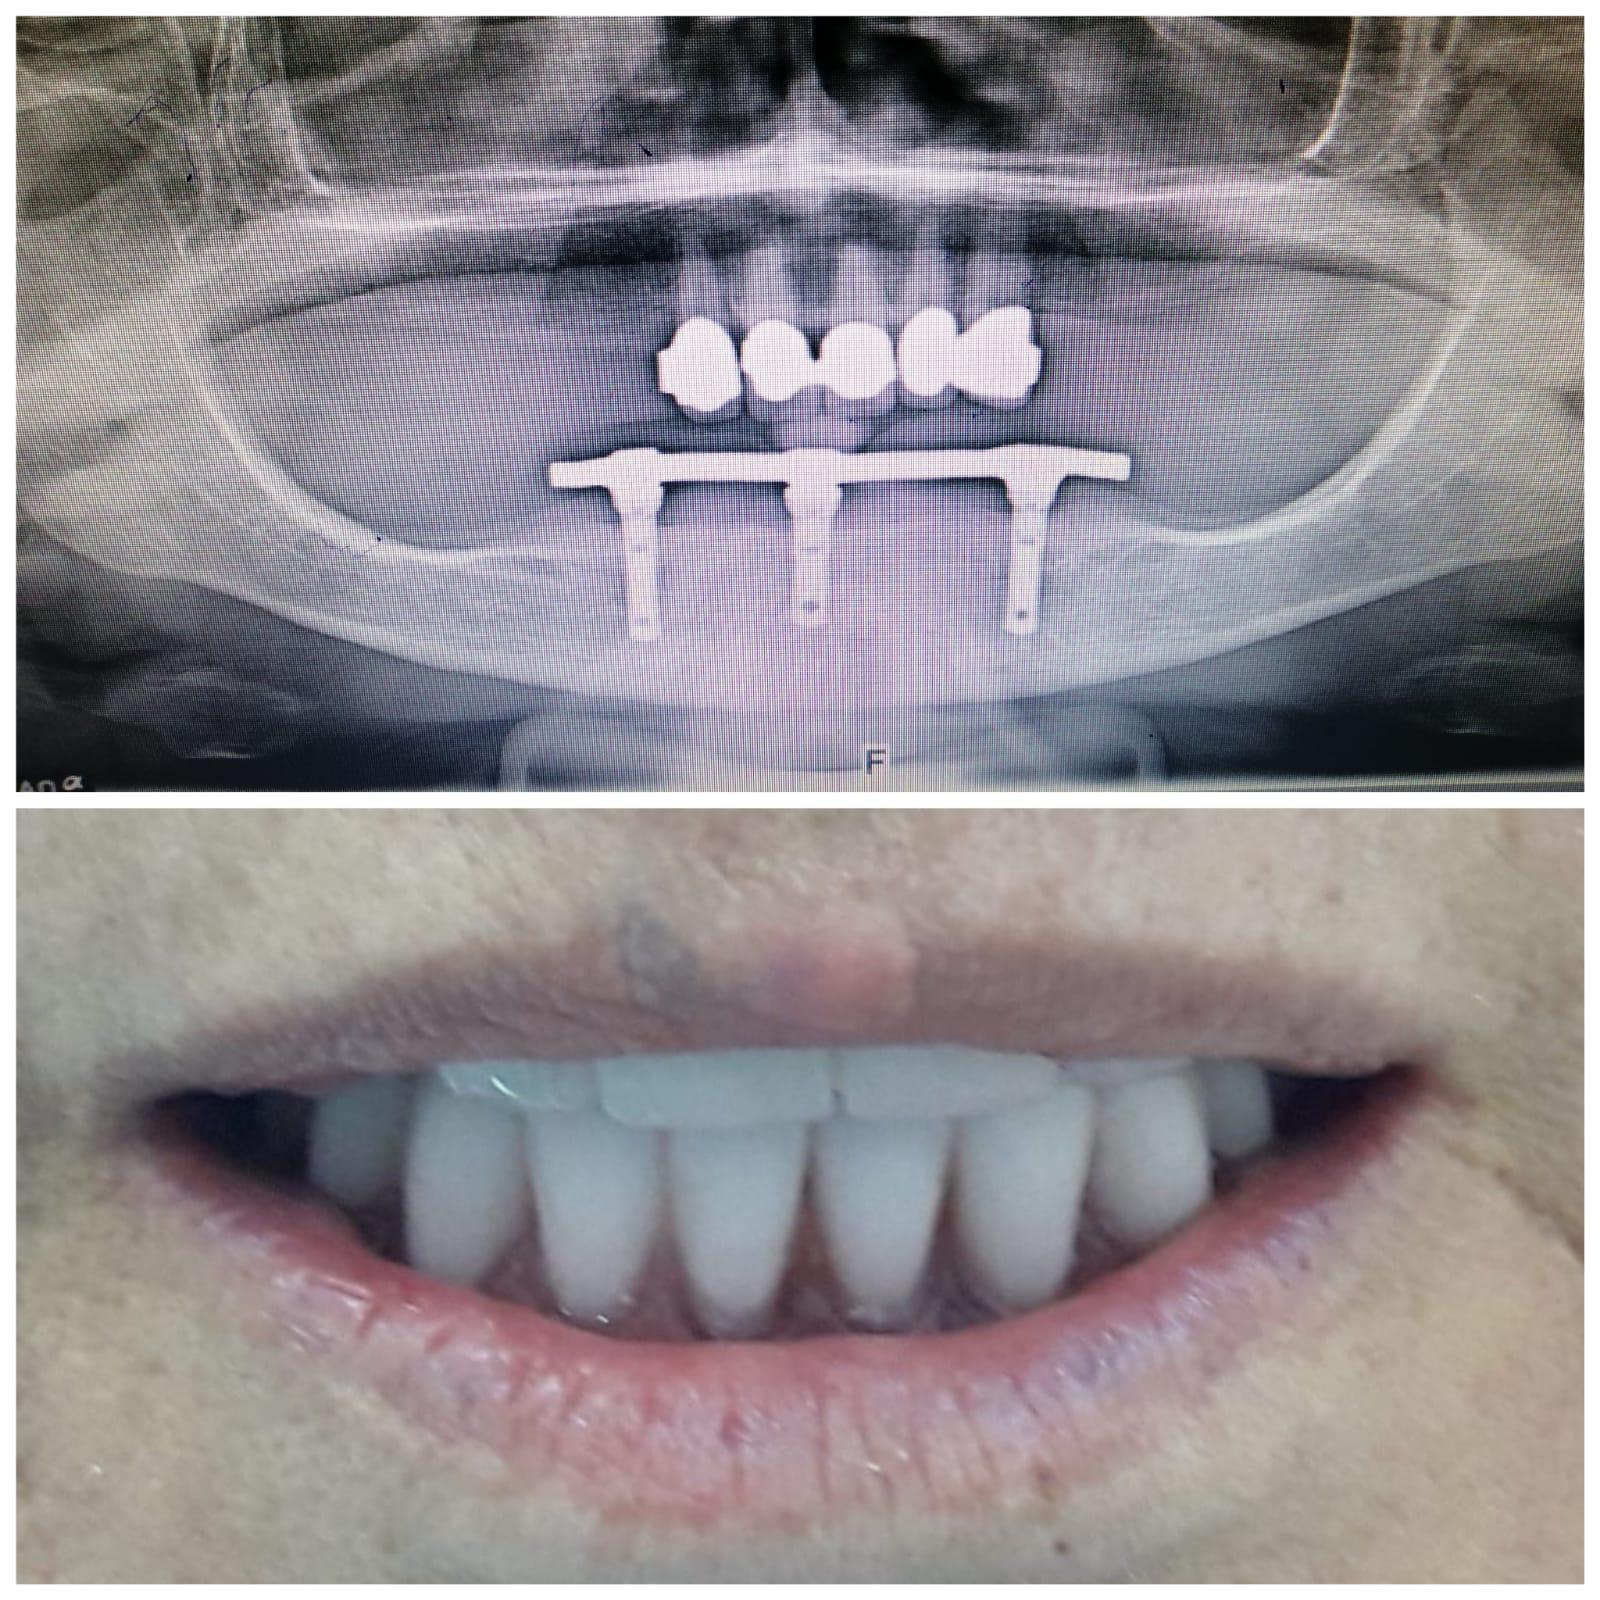 Mecidiyeköy implant